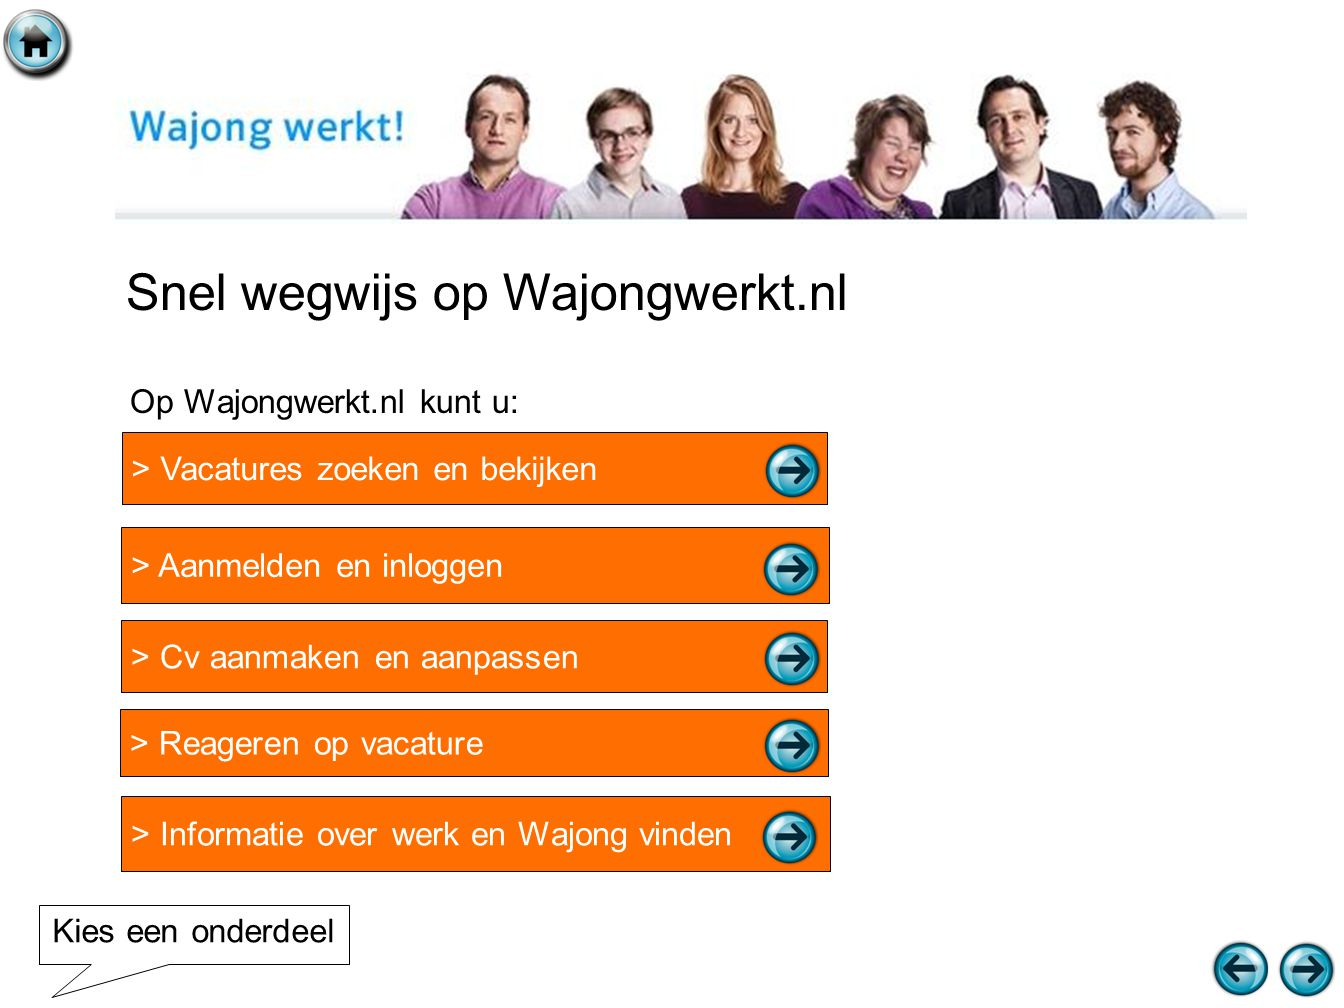 Snel wegwijs op Wajongwerkt.nl